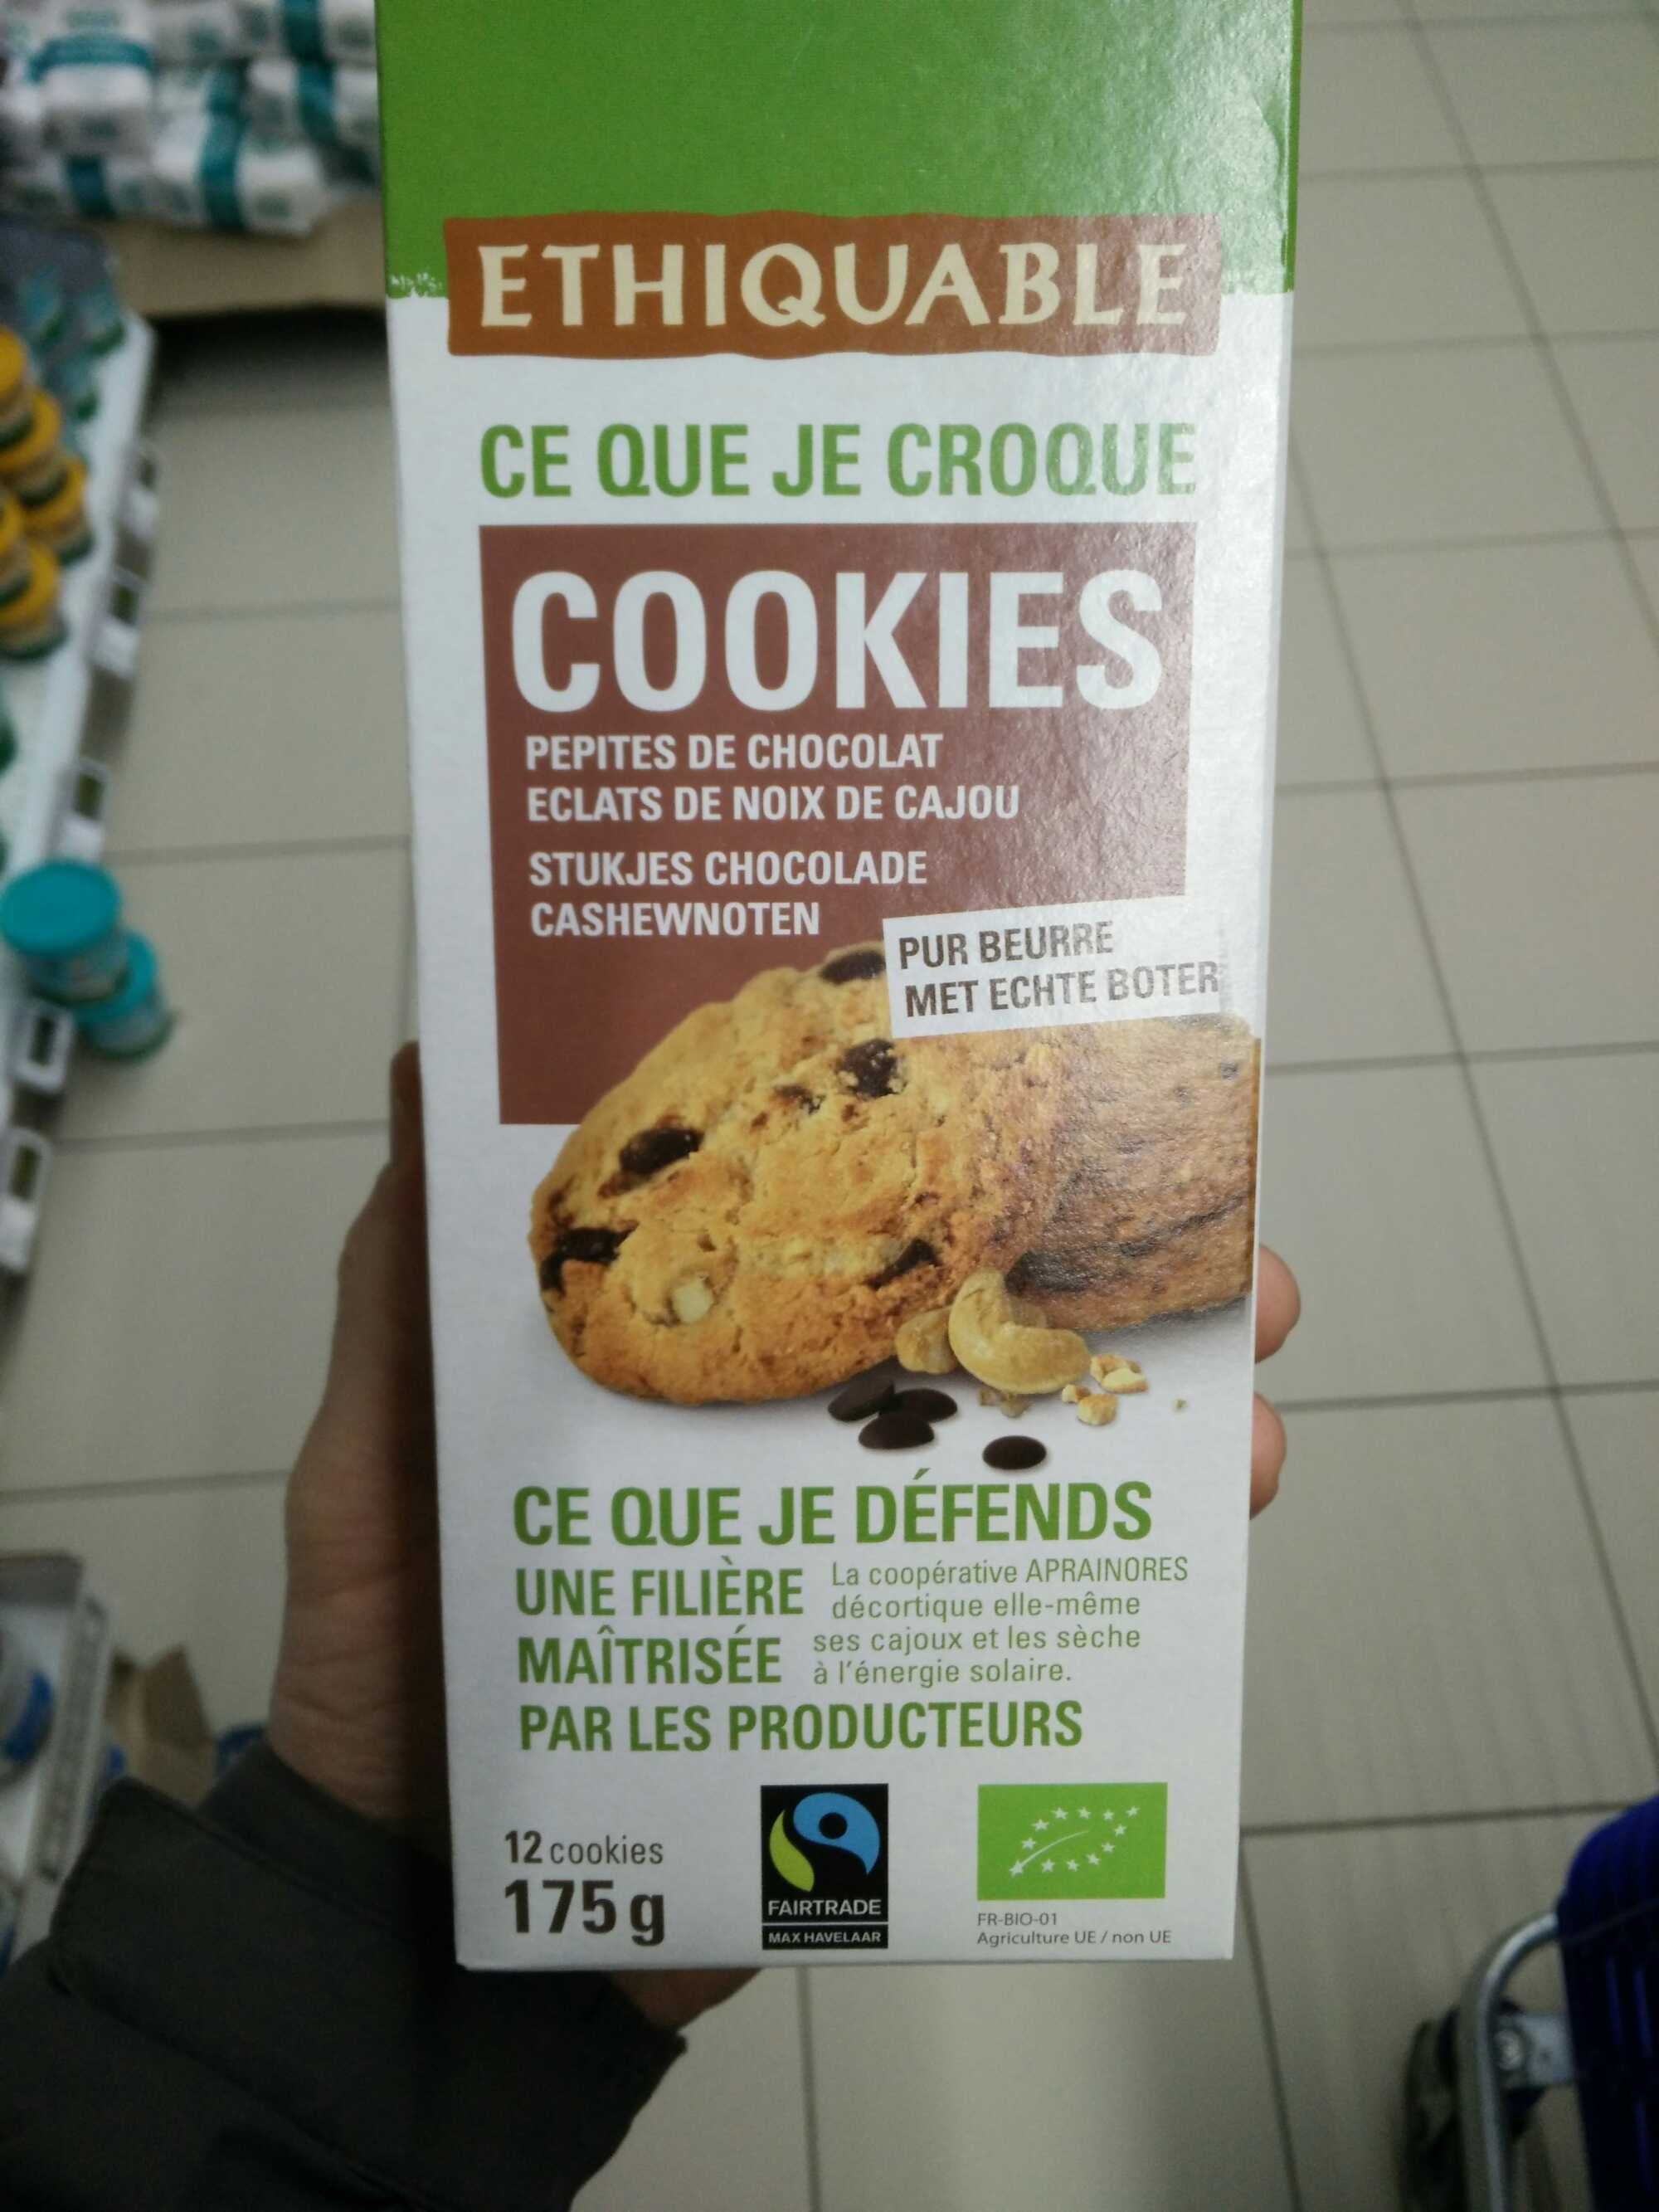 Cookies pépites de chocolat, éclats de noix de cajou - Product